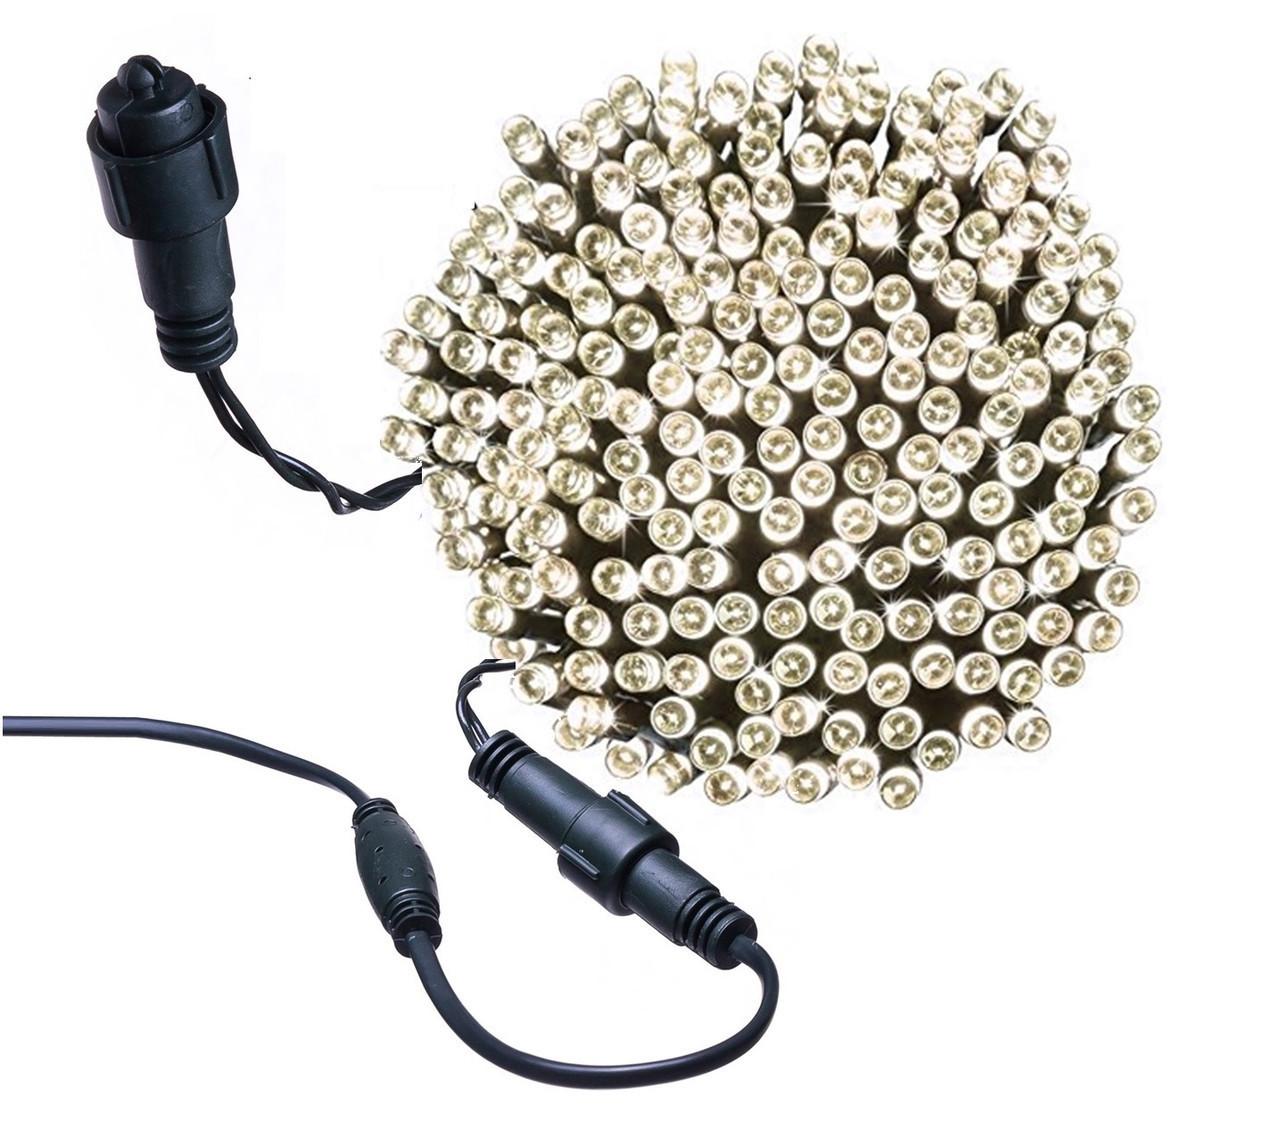 Новогодняя гирлянда 500 LED, Длина 35 Метров, Кабель 2,2 мм